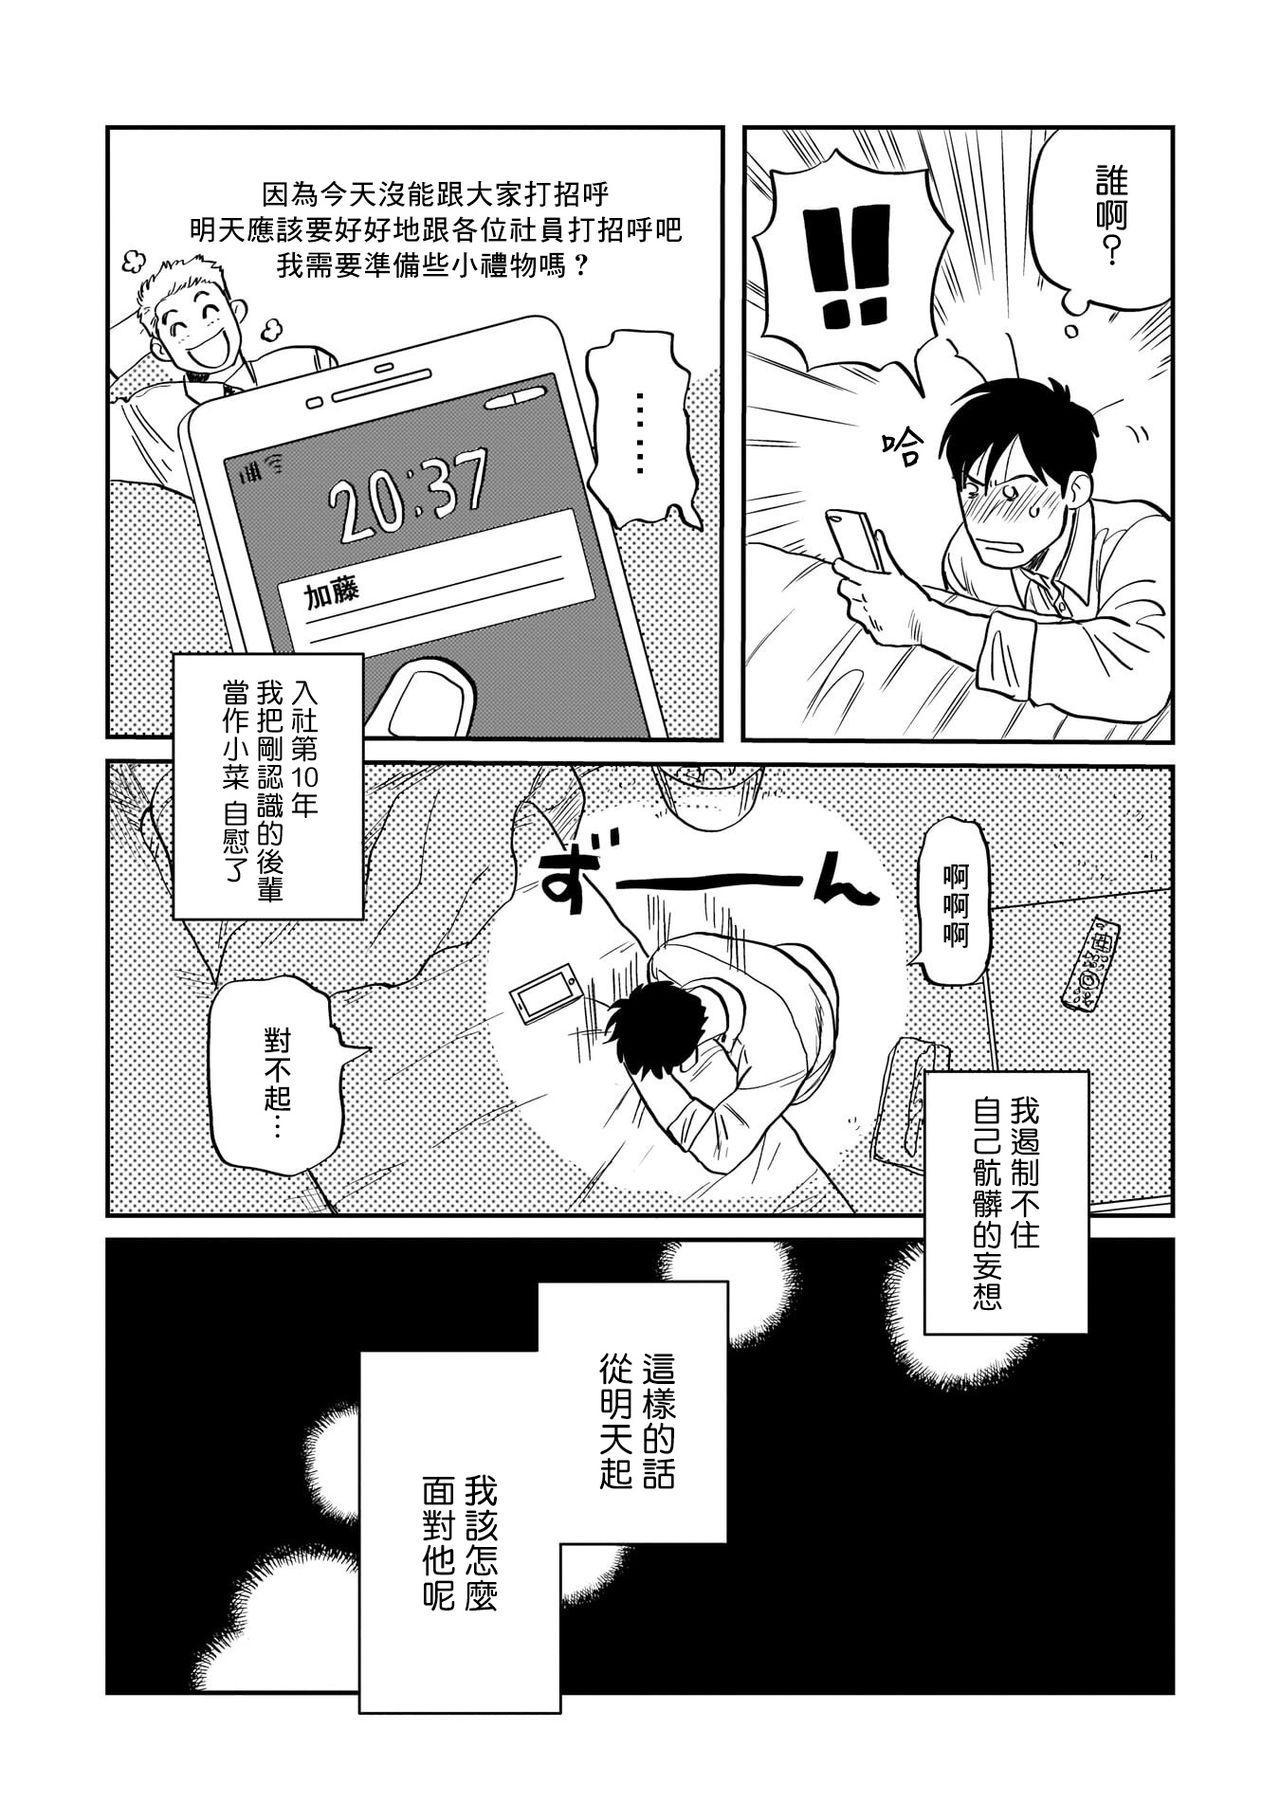 Kouhai no Oppai ga Suki Sugiru | 我太喜欢后辈的奶子了 Ch. 1-2 27